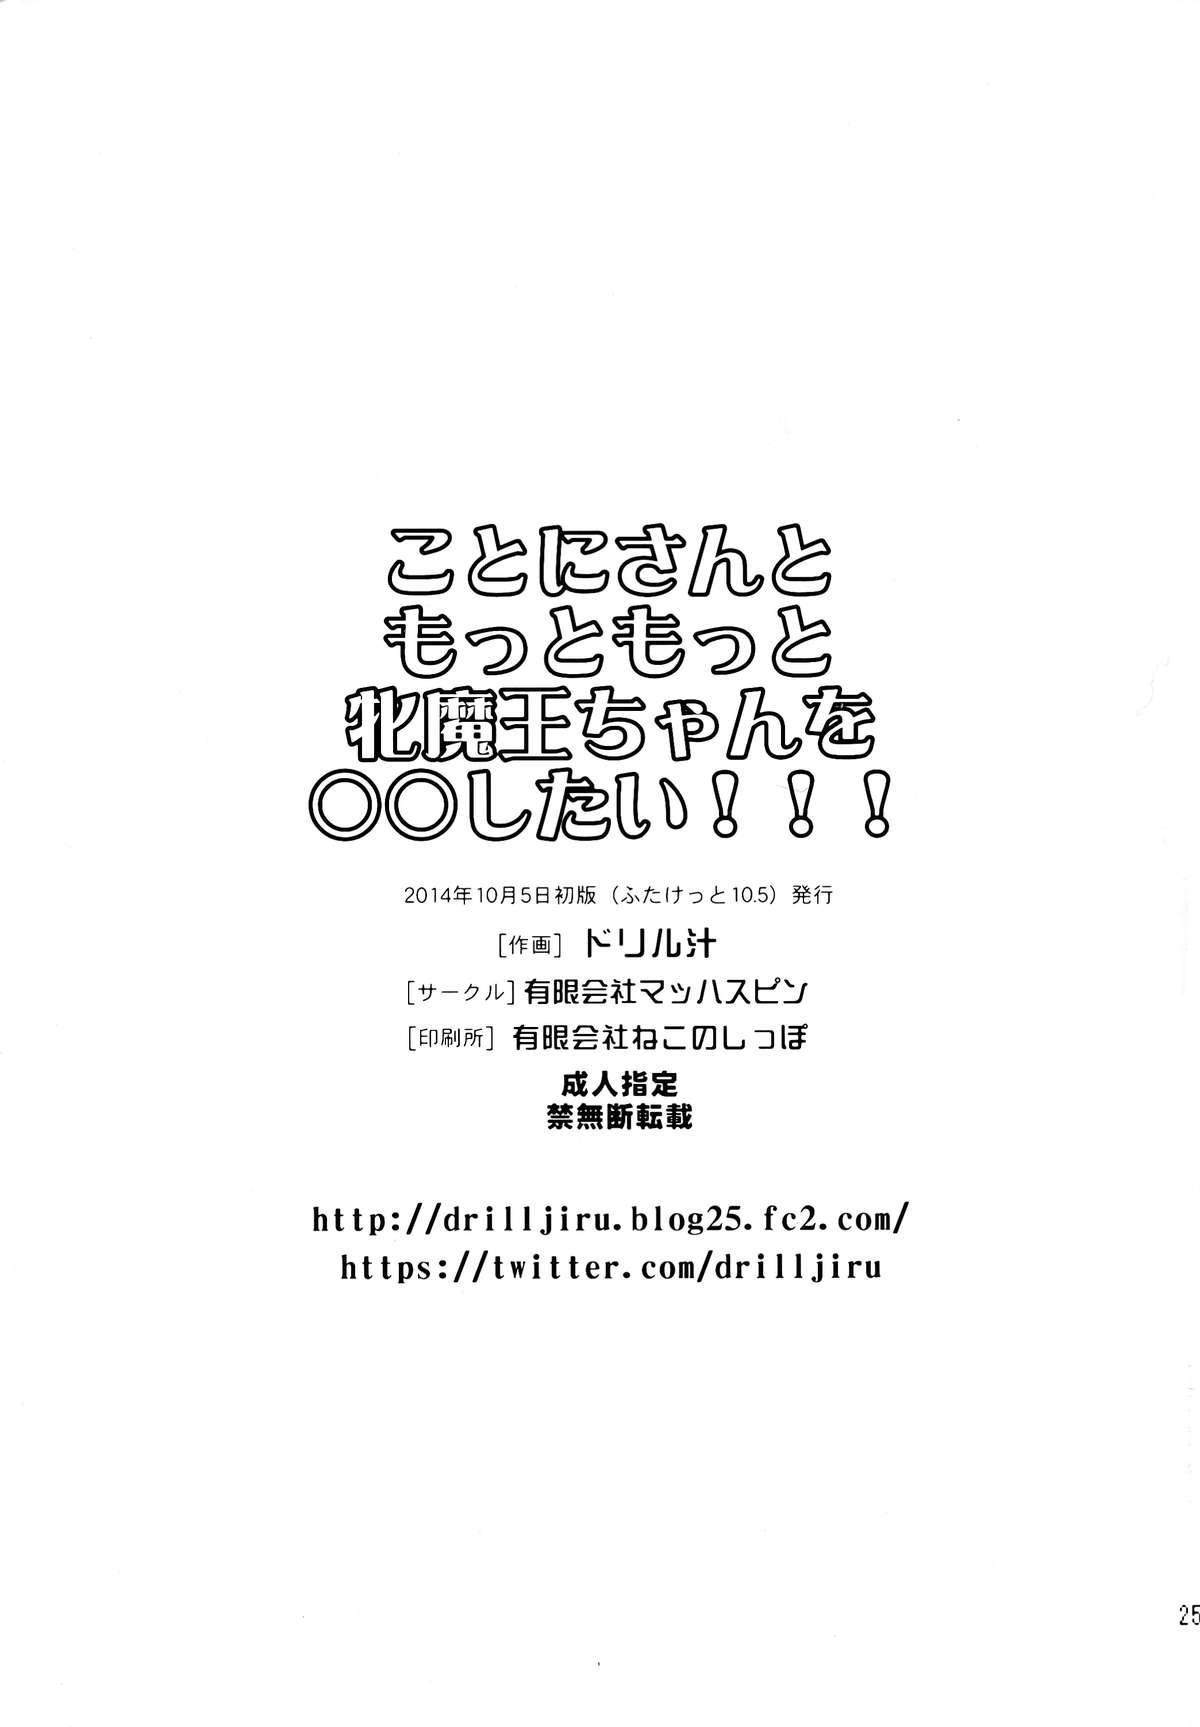 (Futaket 10.5) [Yuugengaisha Mach Spin (Drill Jill)] Kotoni-san to Motto Motto Mesu Maou-chan wo ○○ shitai!!! 23